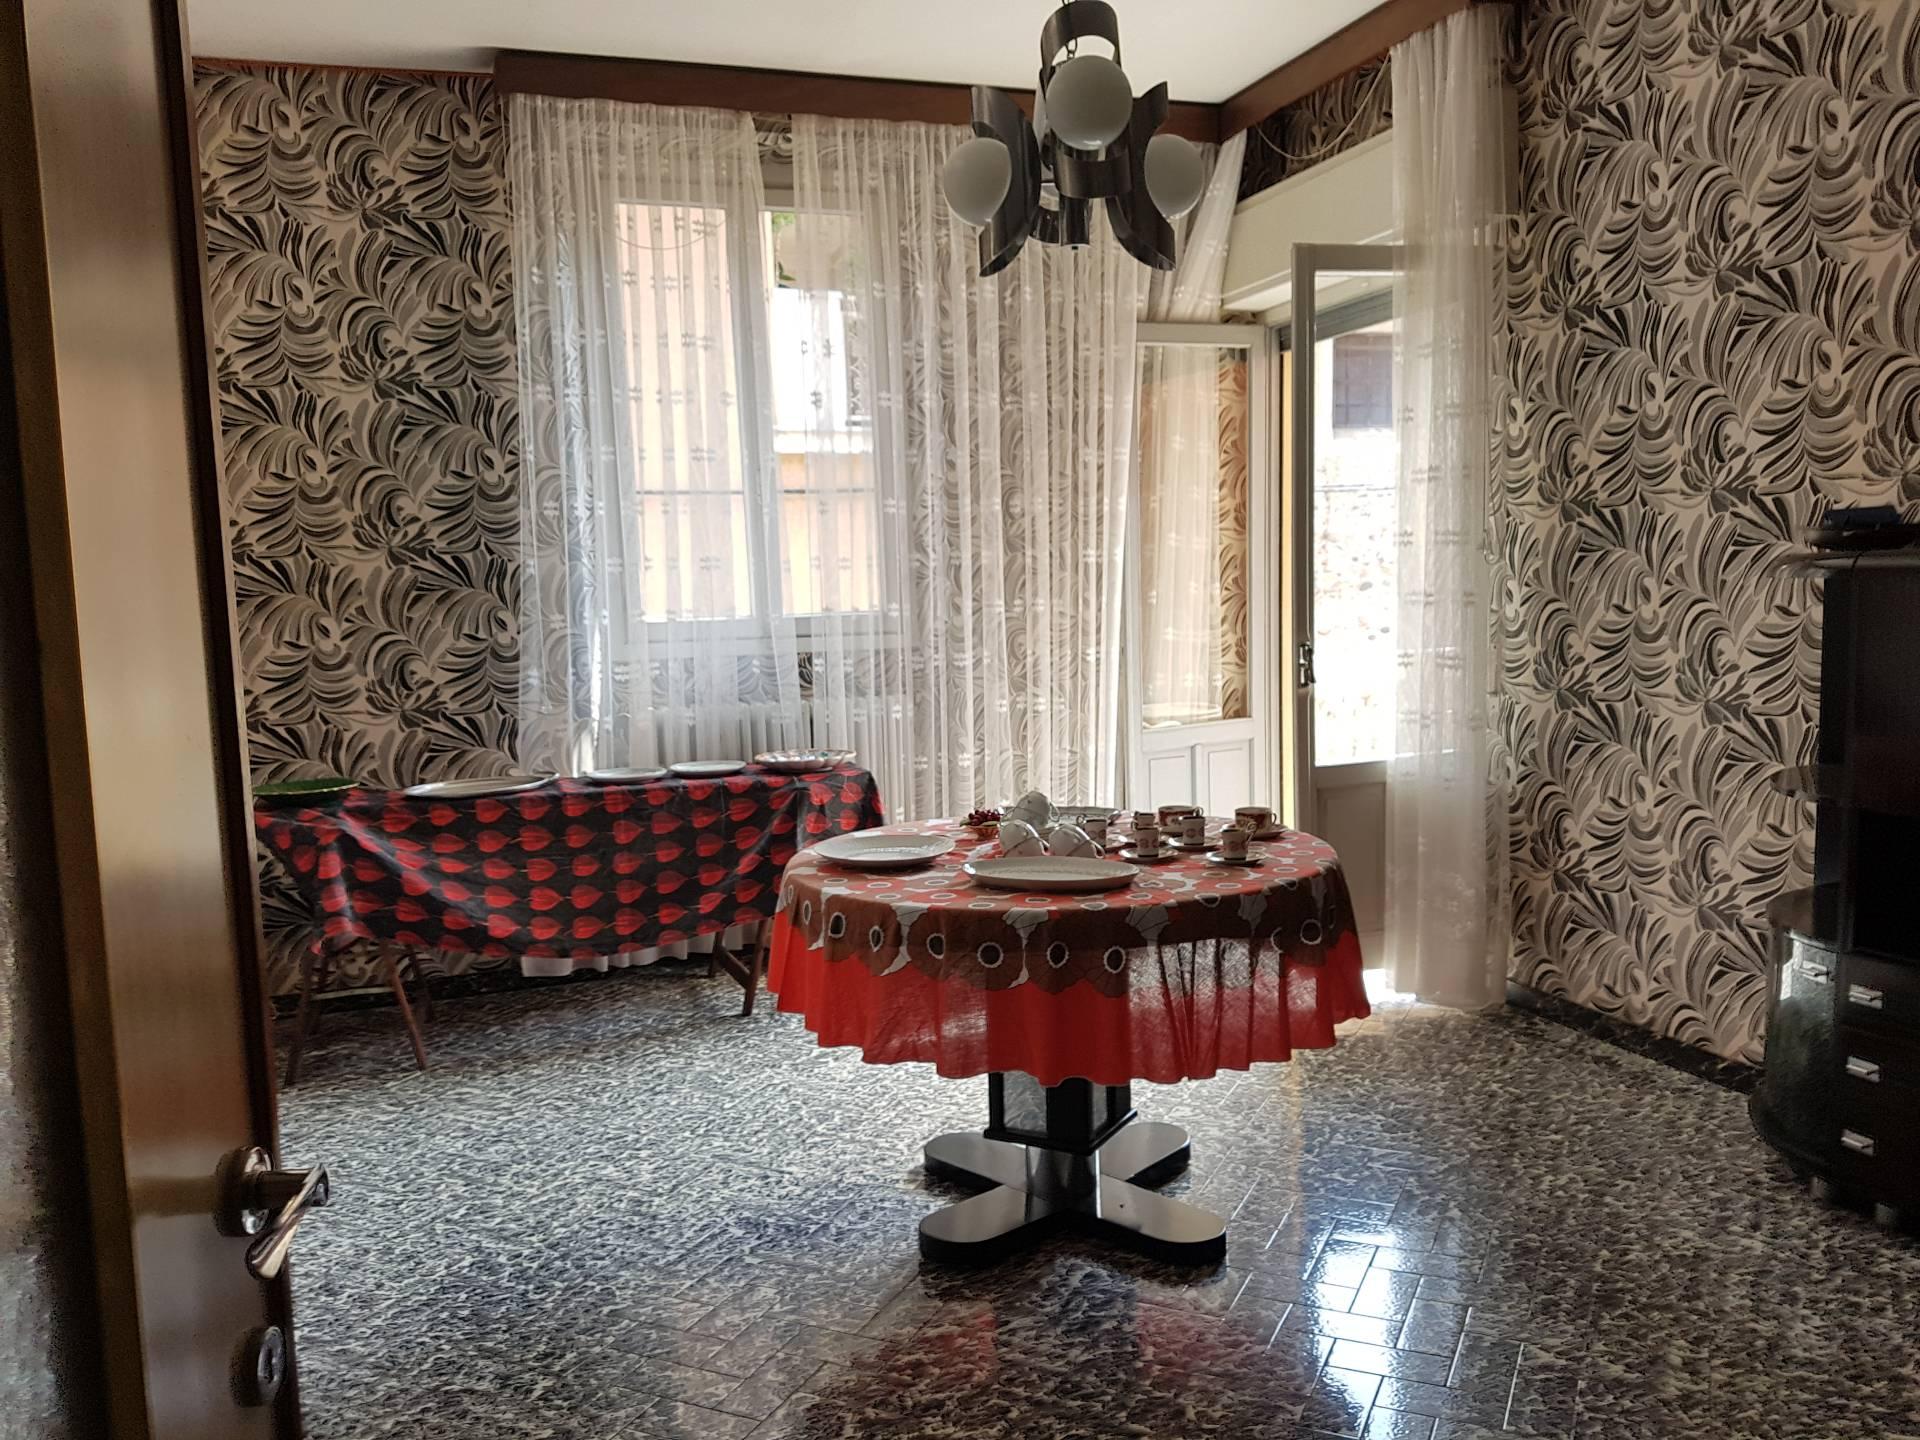 Ufficio / Studio in vendita a Ghemme, 9999 locali, prezzo € 240.000 | CambioCasa.it